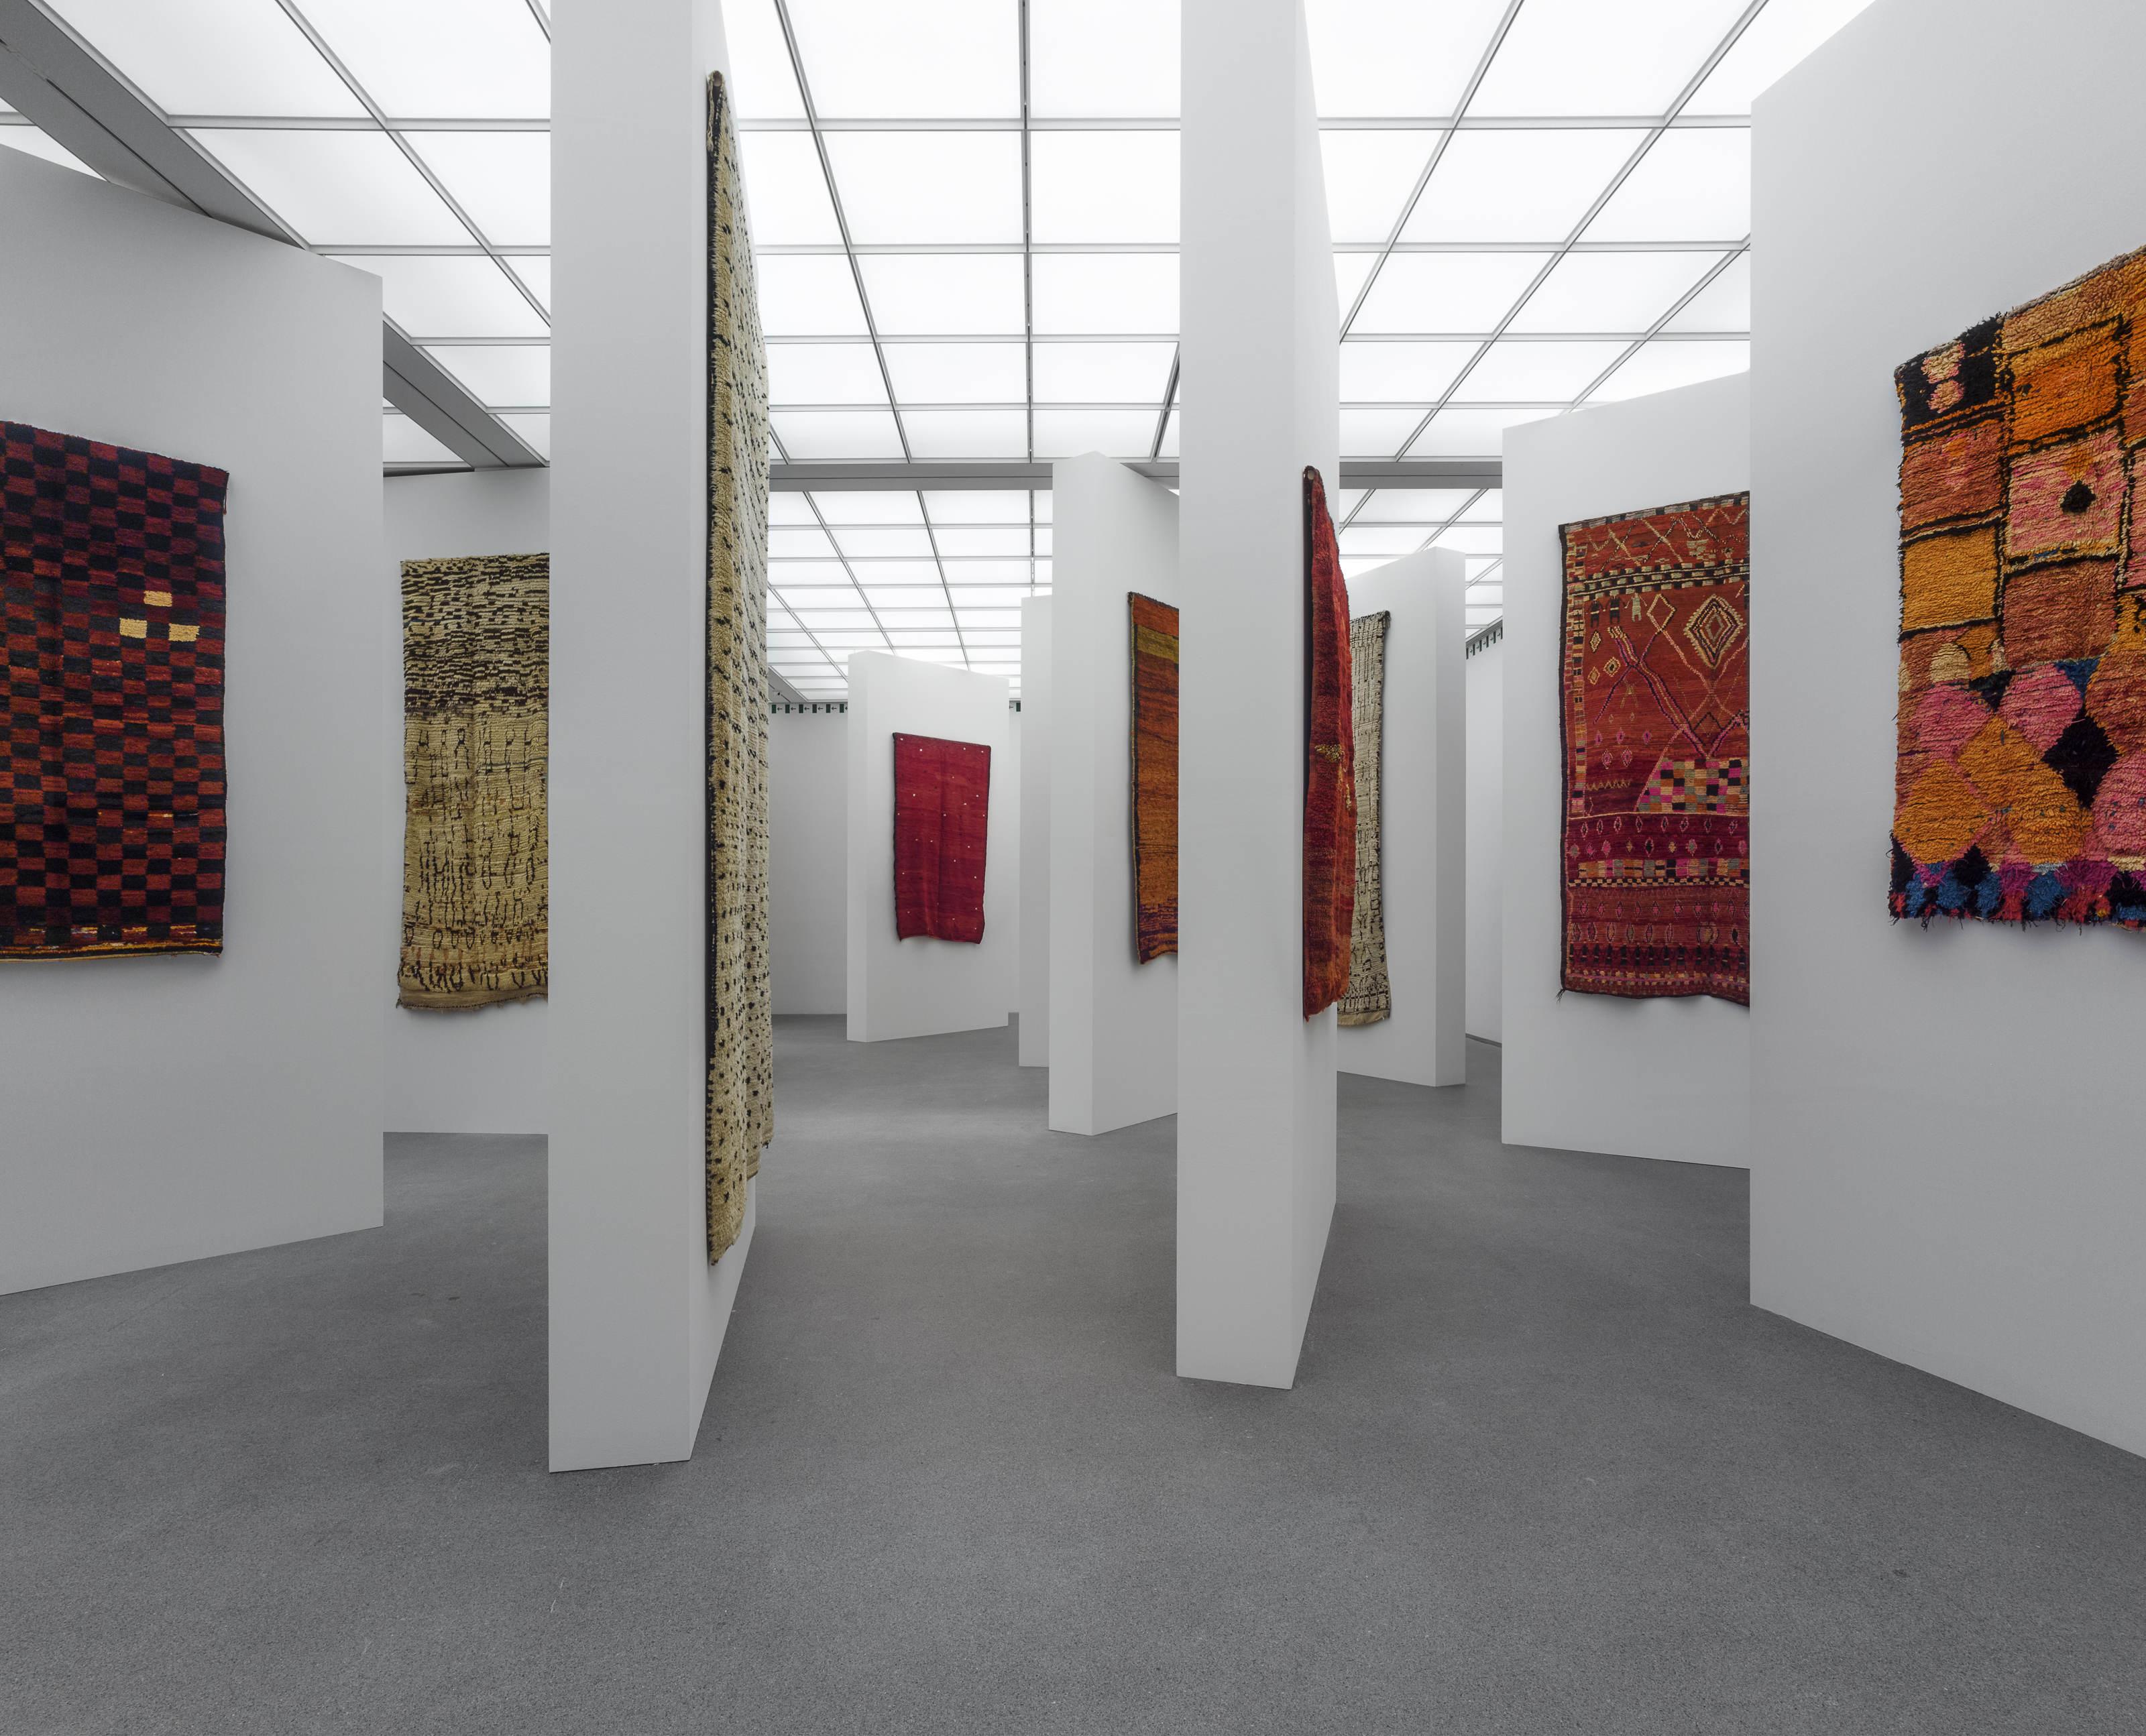 Nomaden marokkanische teppiche und die kunst der moderne for Kunst der moderne